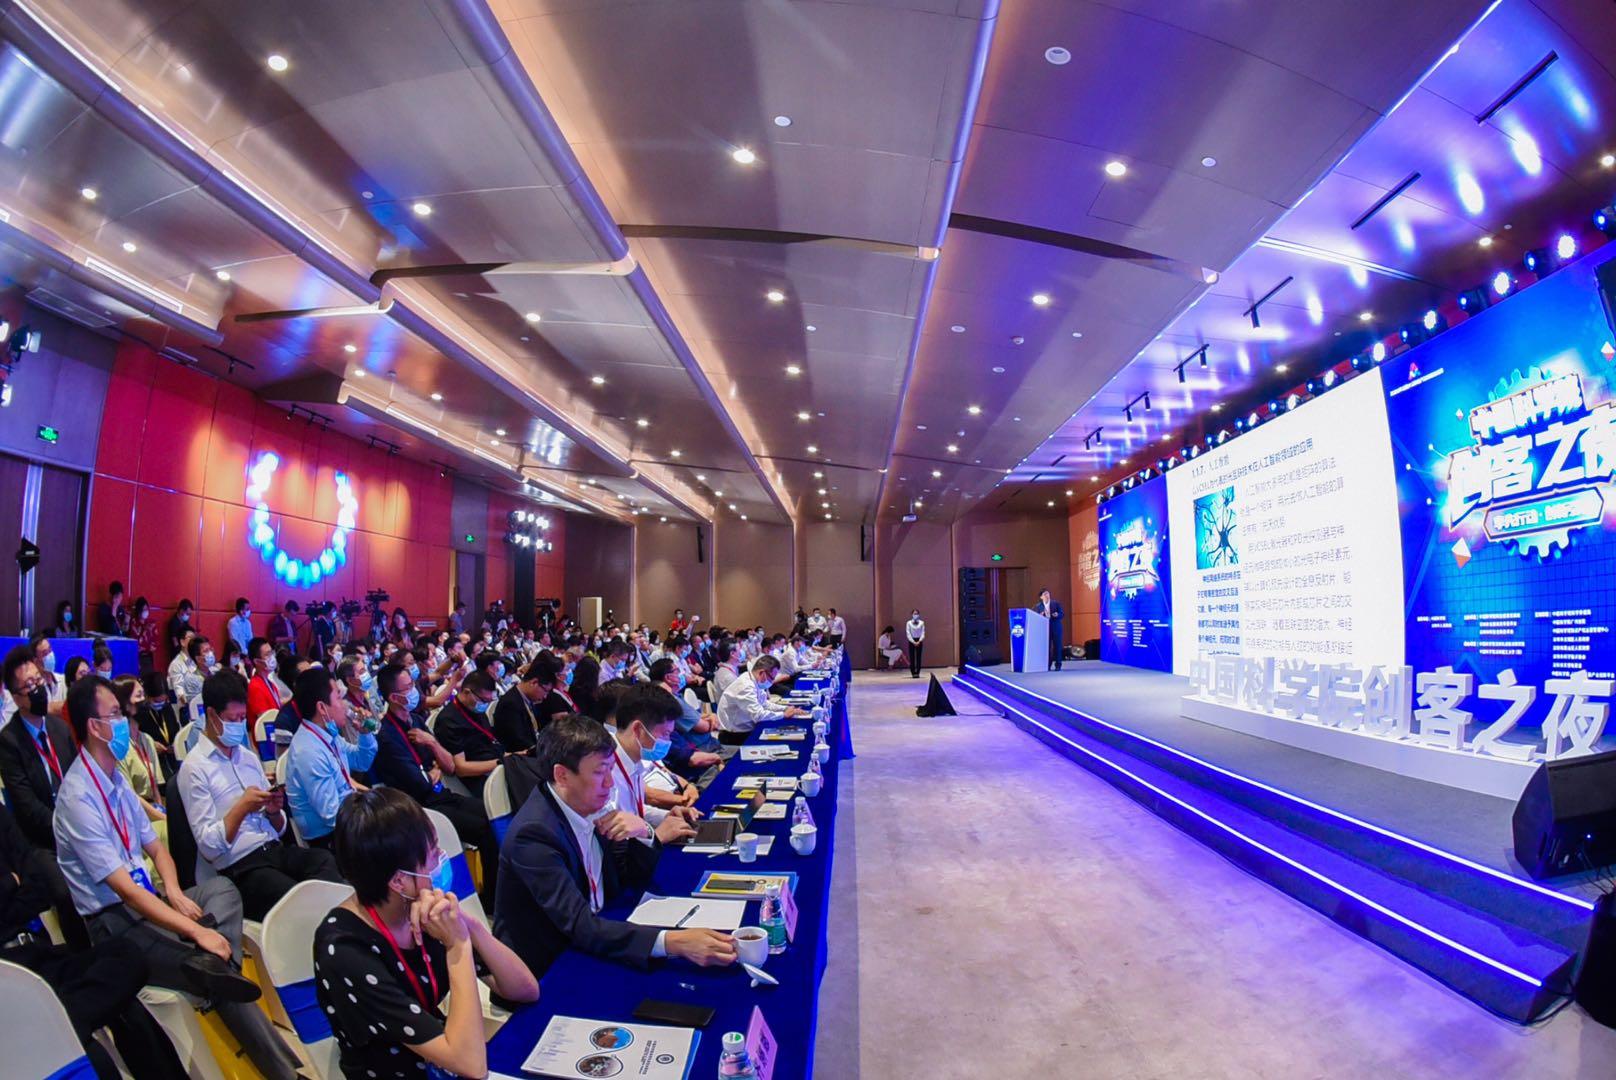 中国科学院创客之夜